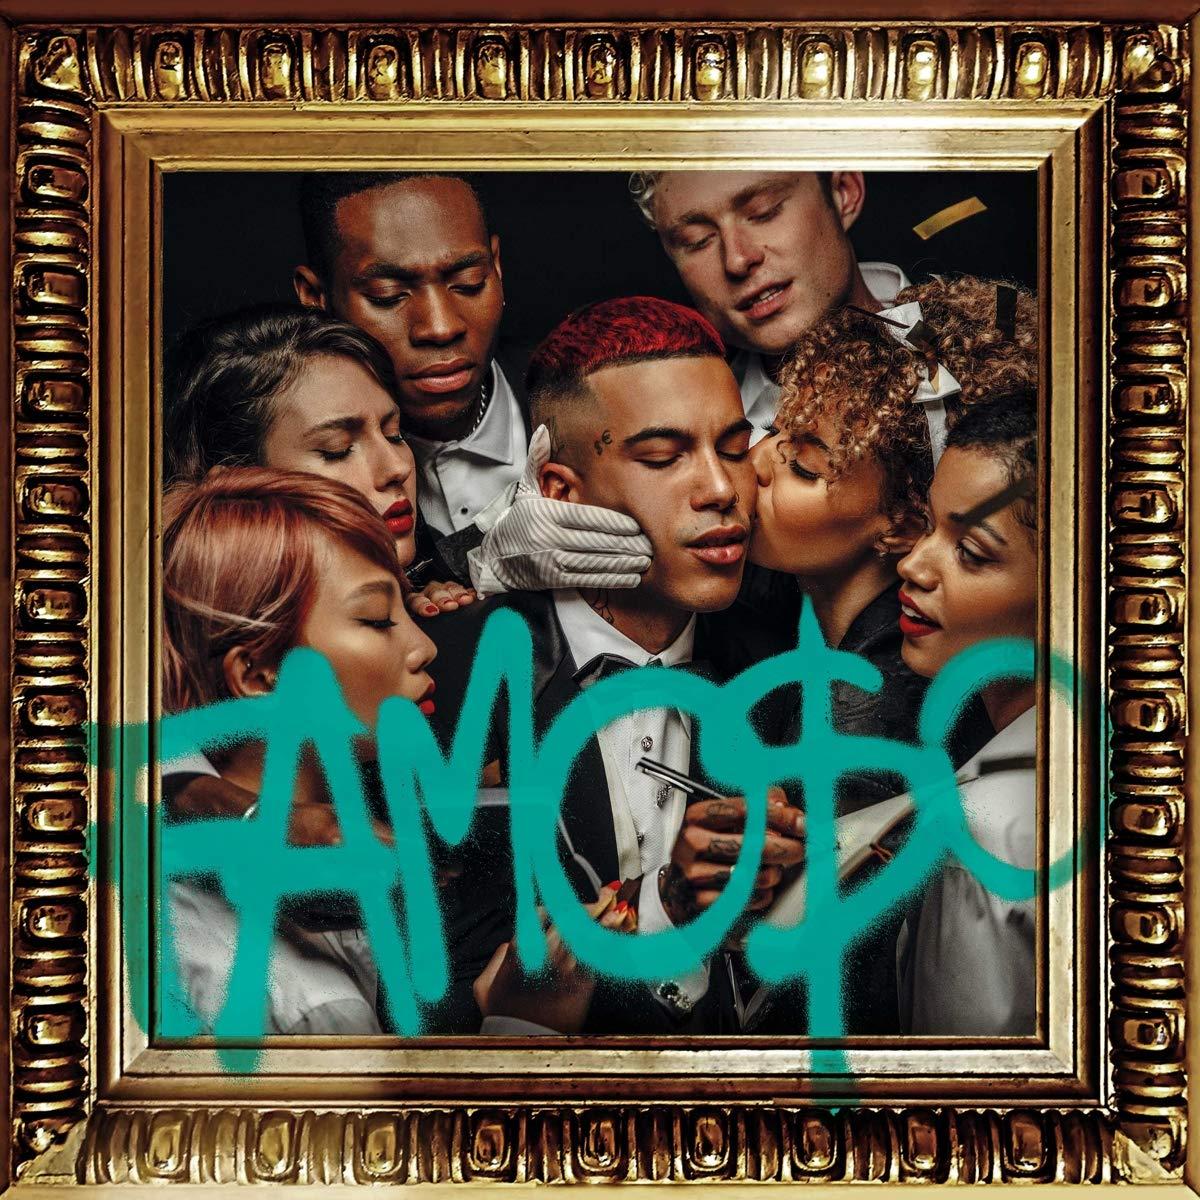 Famoso (Edición Deluxe)-CD